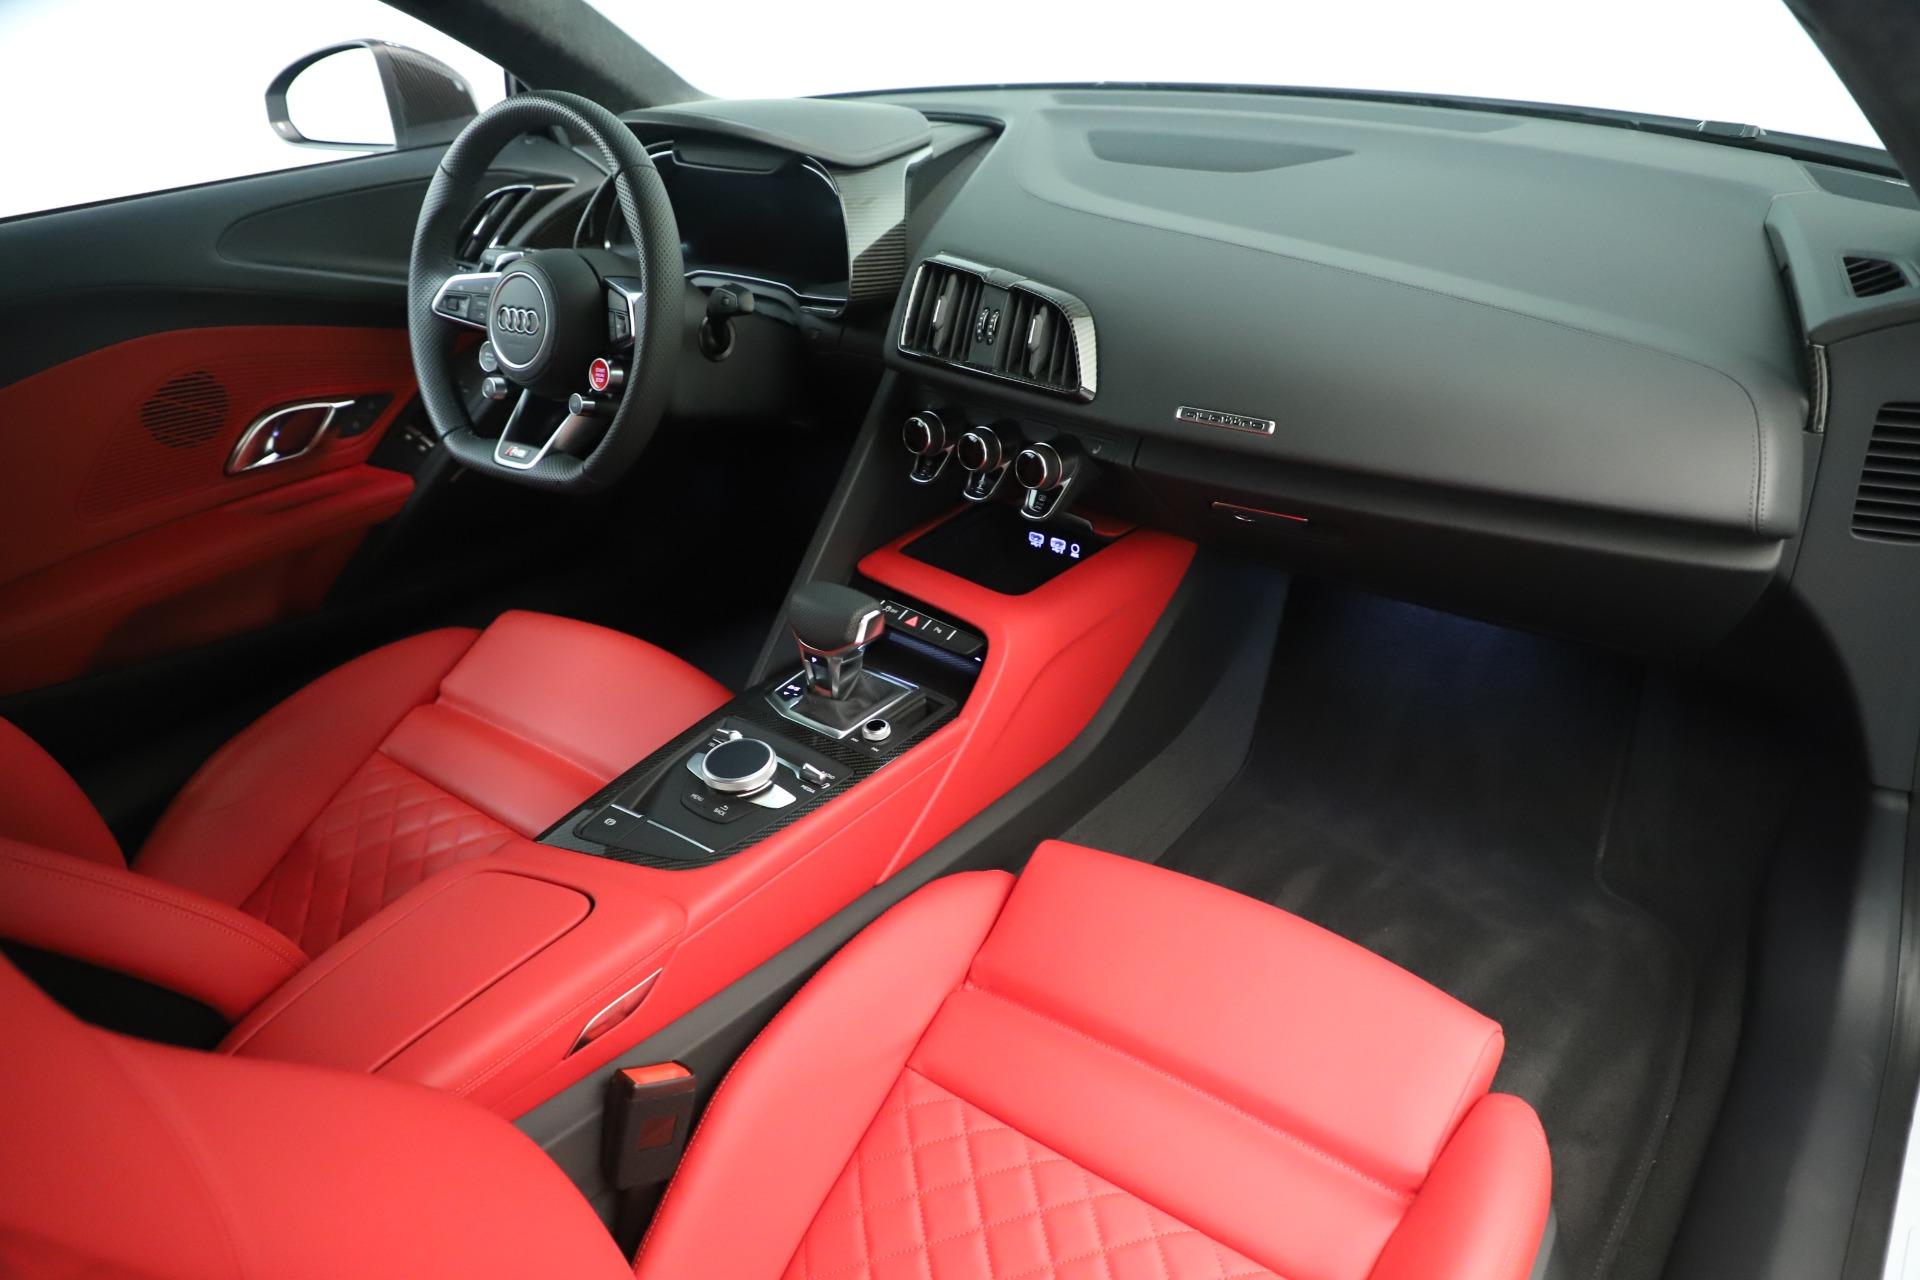 Used 2018 Audi R8 5.2 quattro V10 Plus For Sale In Greenwich, CT. Alfa Romeo of Greenwich, 7615 3360_p18